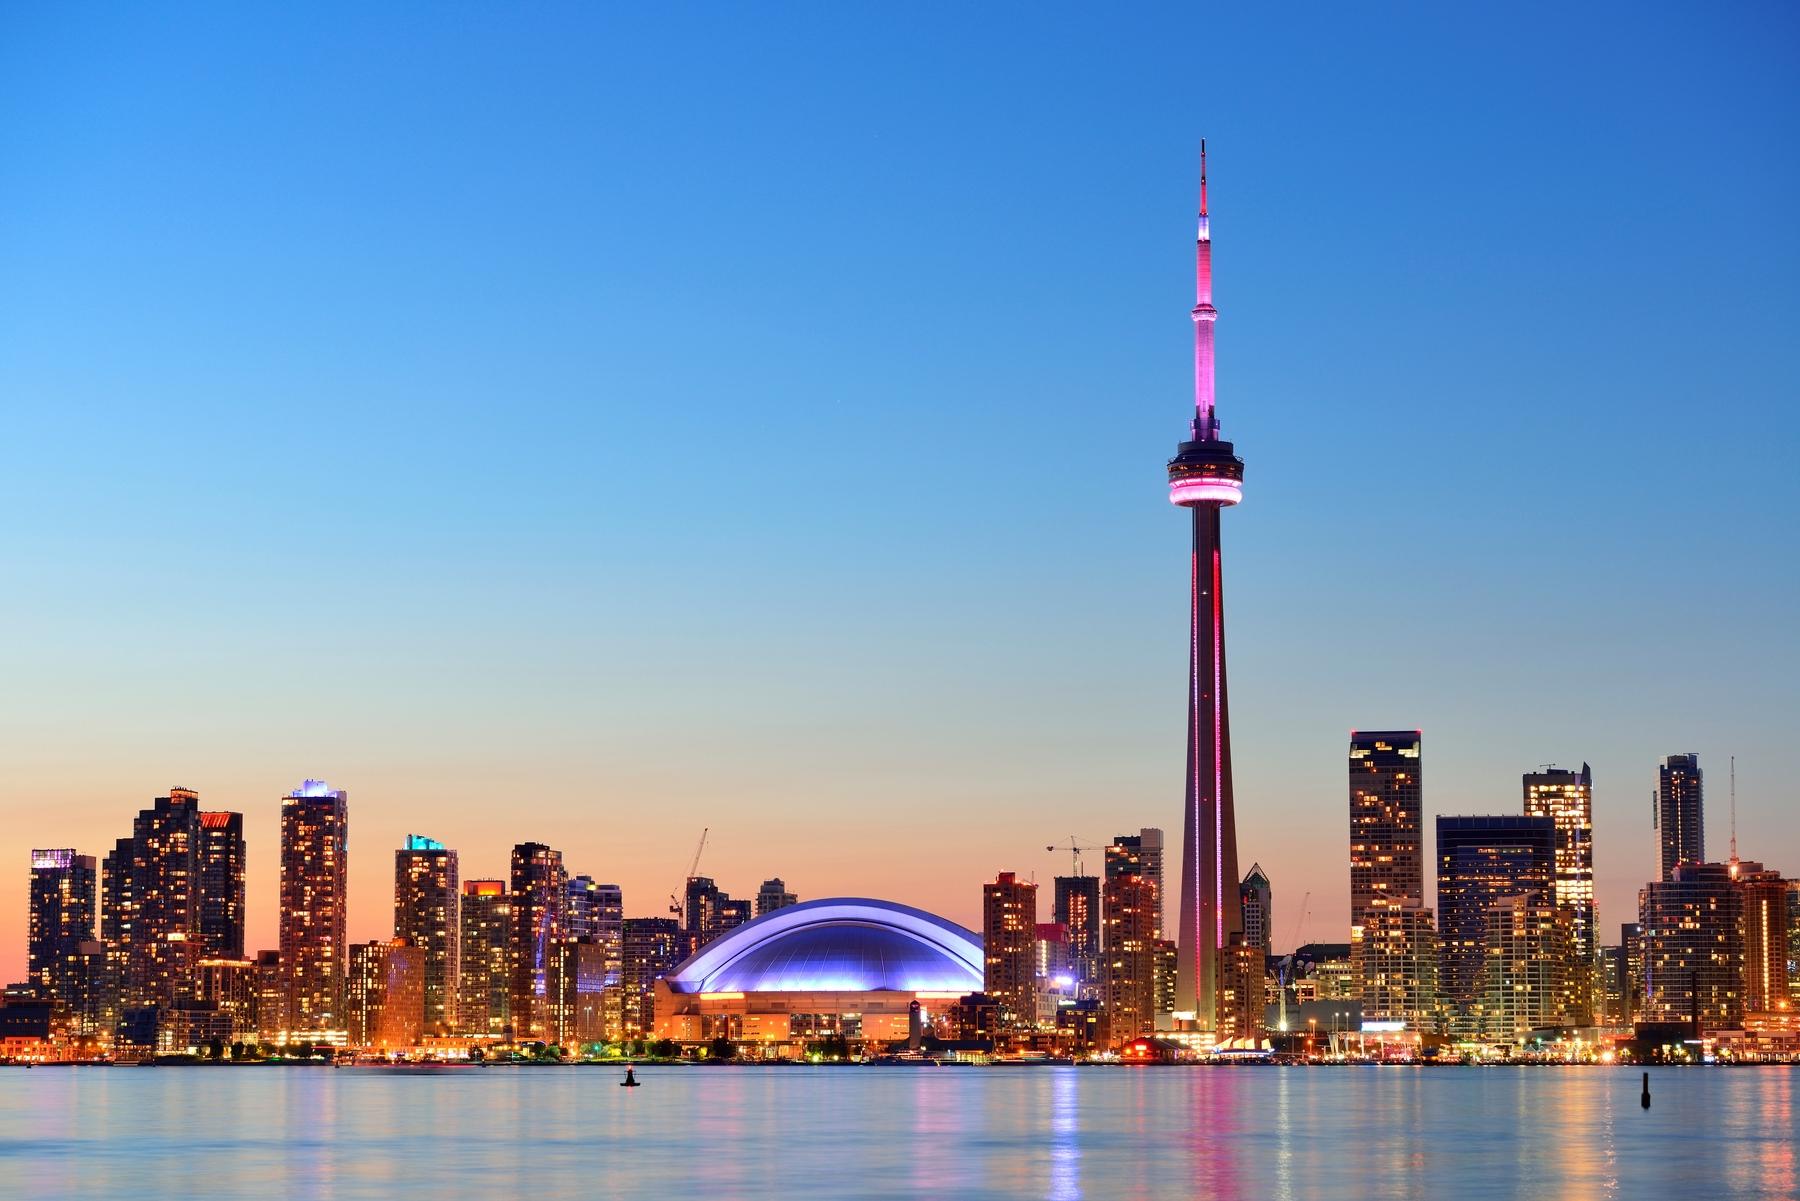 Vue sur le centre-ville de Toronto depuis les îles, Ontario, Canada